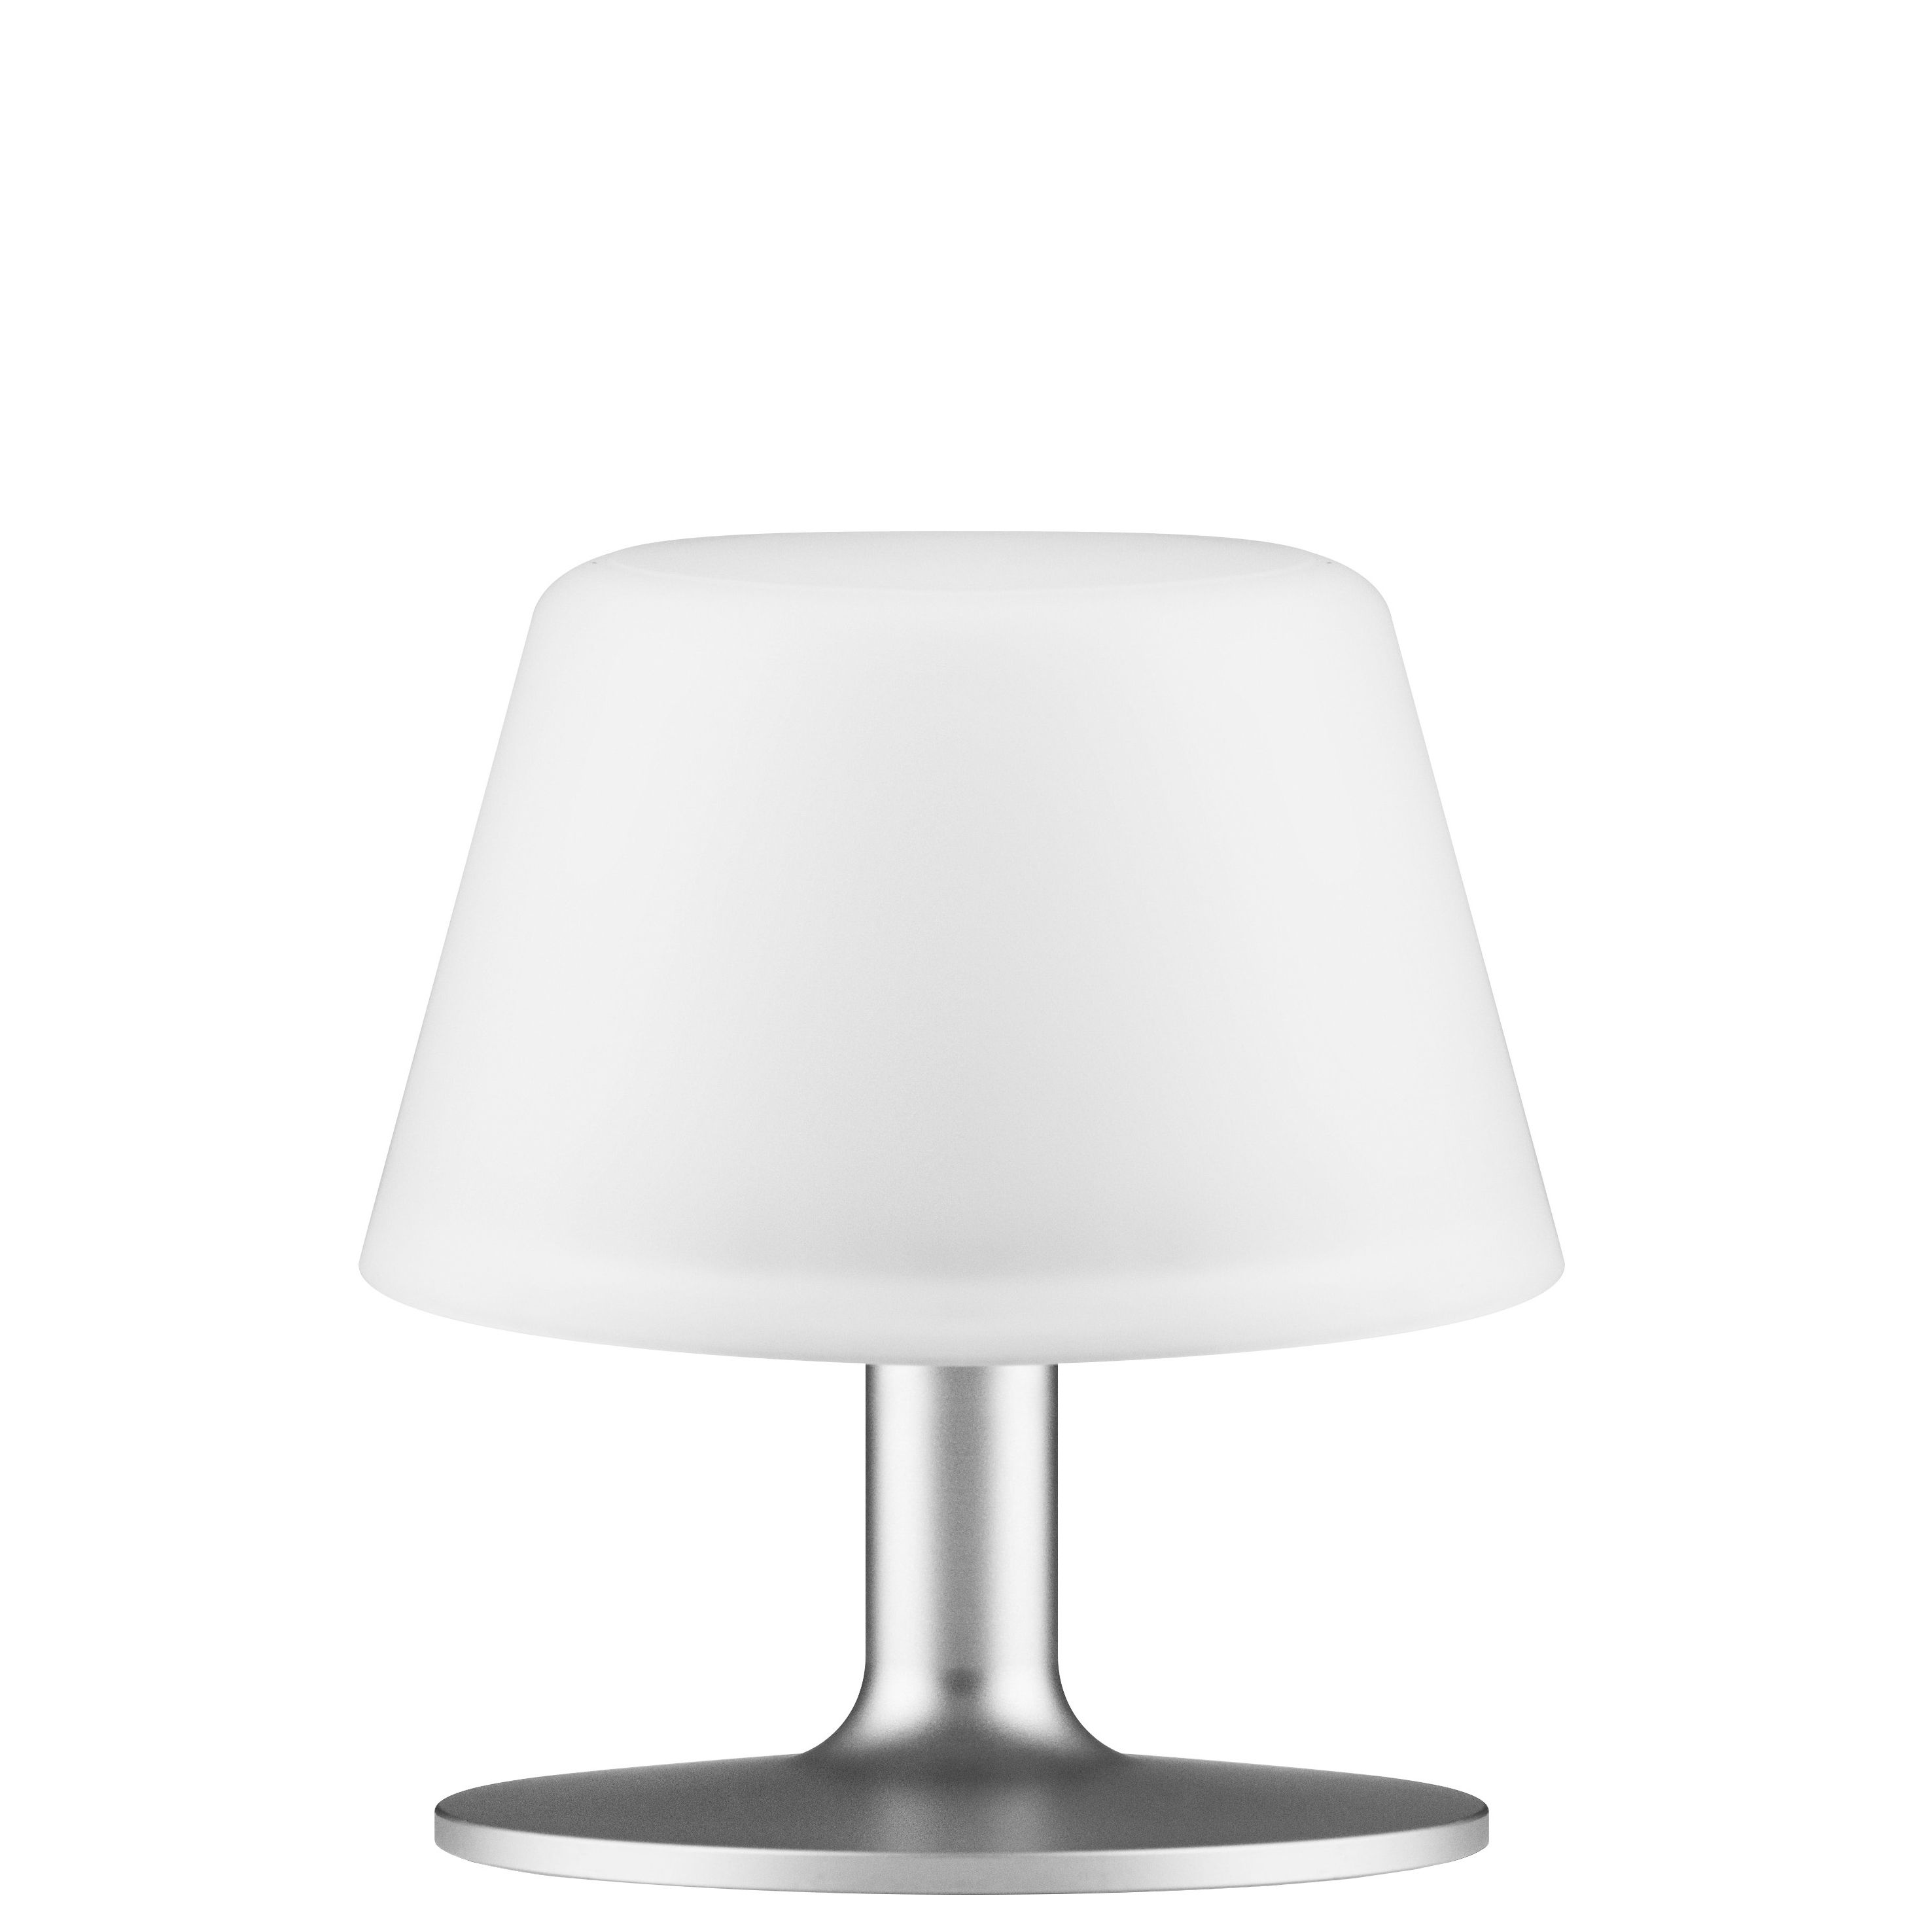 Picture idea 14 : Scopri lampada da tavolo sunlight -/ energia solare ...